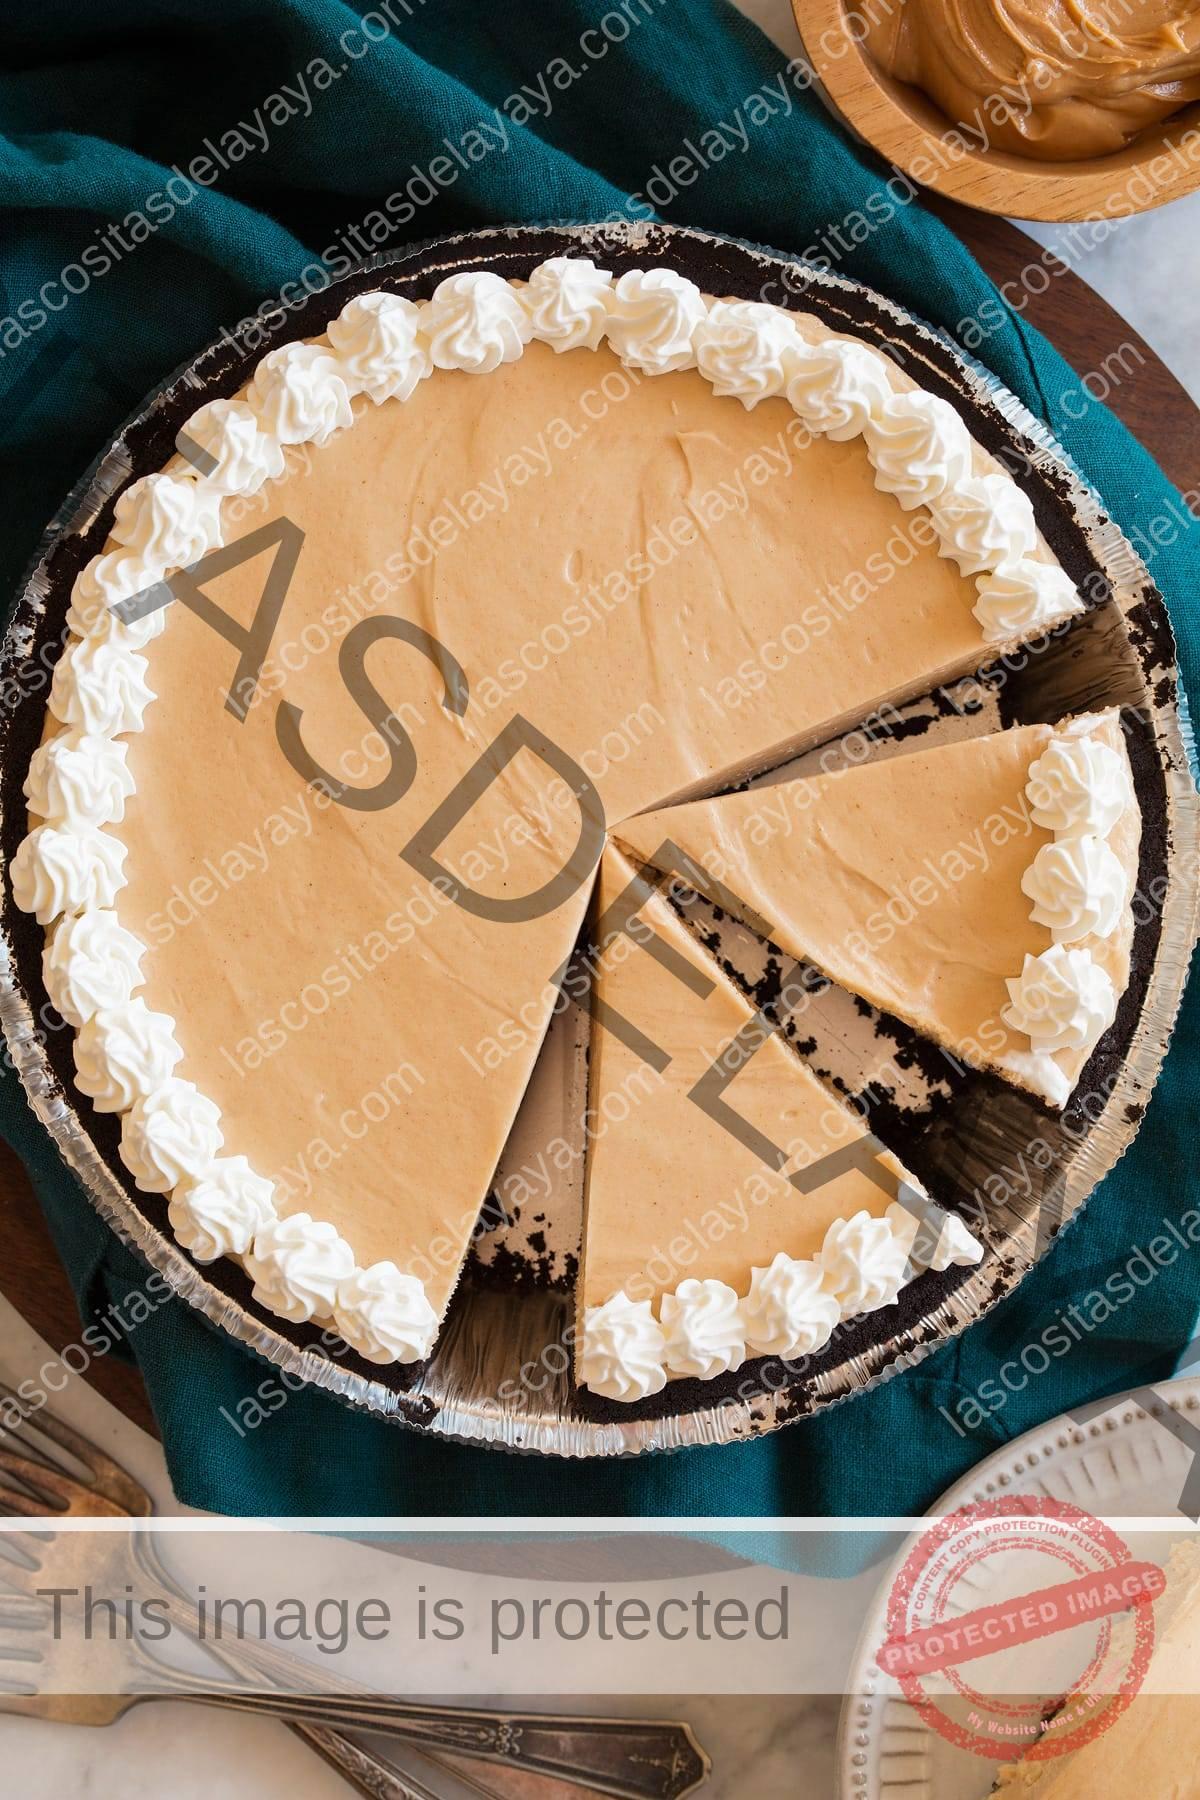 Imagen aérea de pastel de mantequilla de maní con algunas rebanadas cortadas.